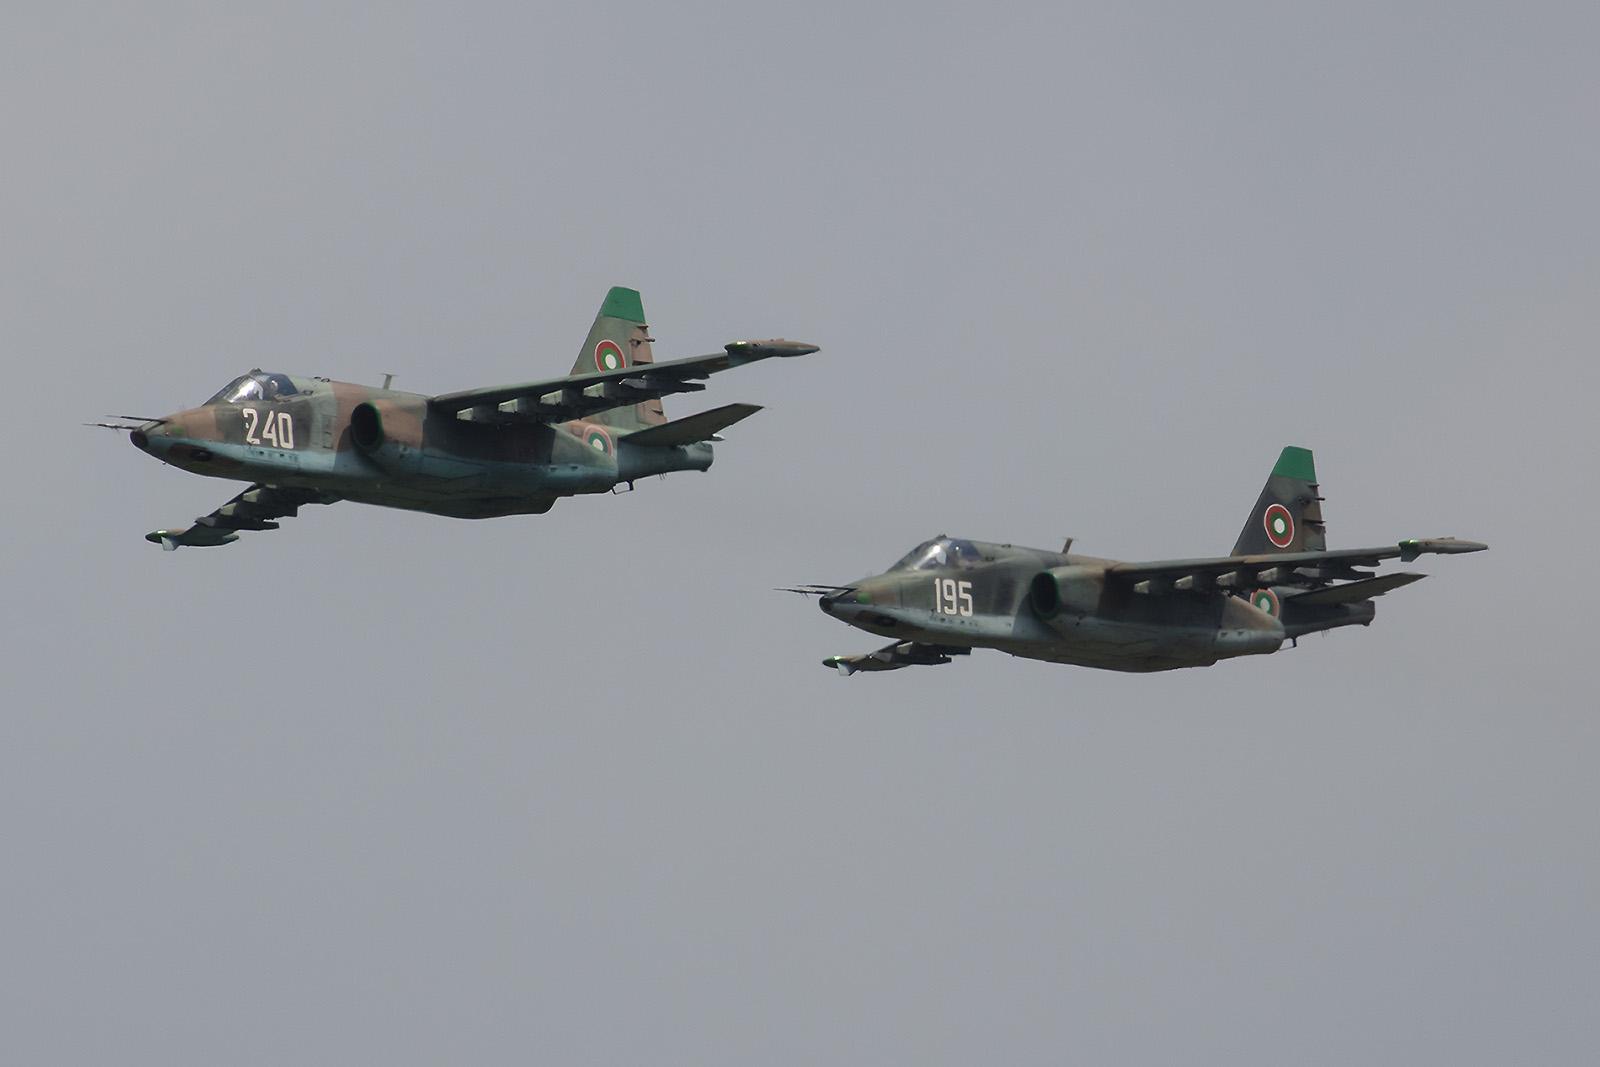 Anflug der Sukhoi Su-25 aus Bezmer.